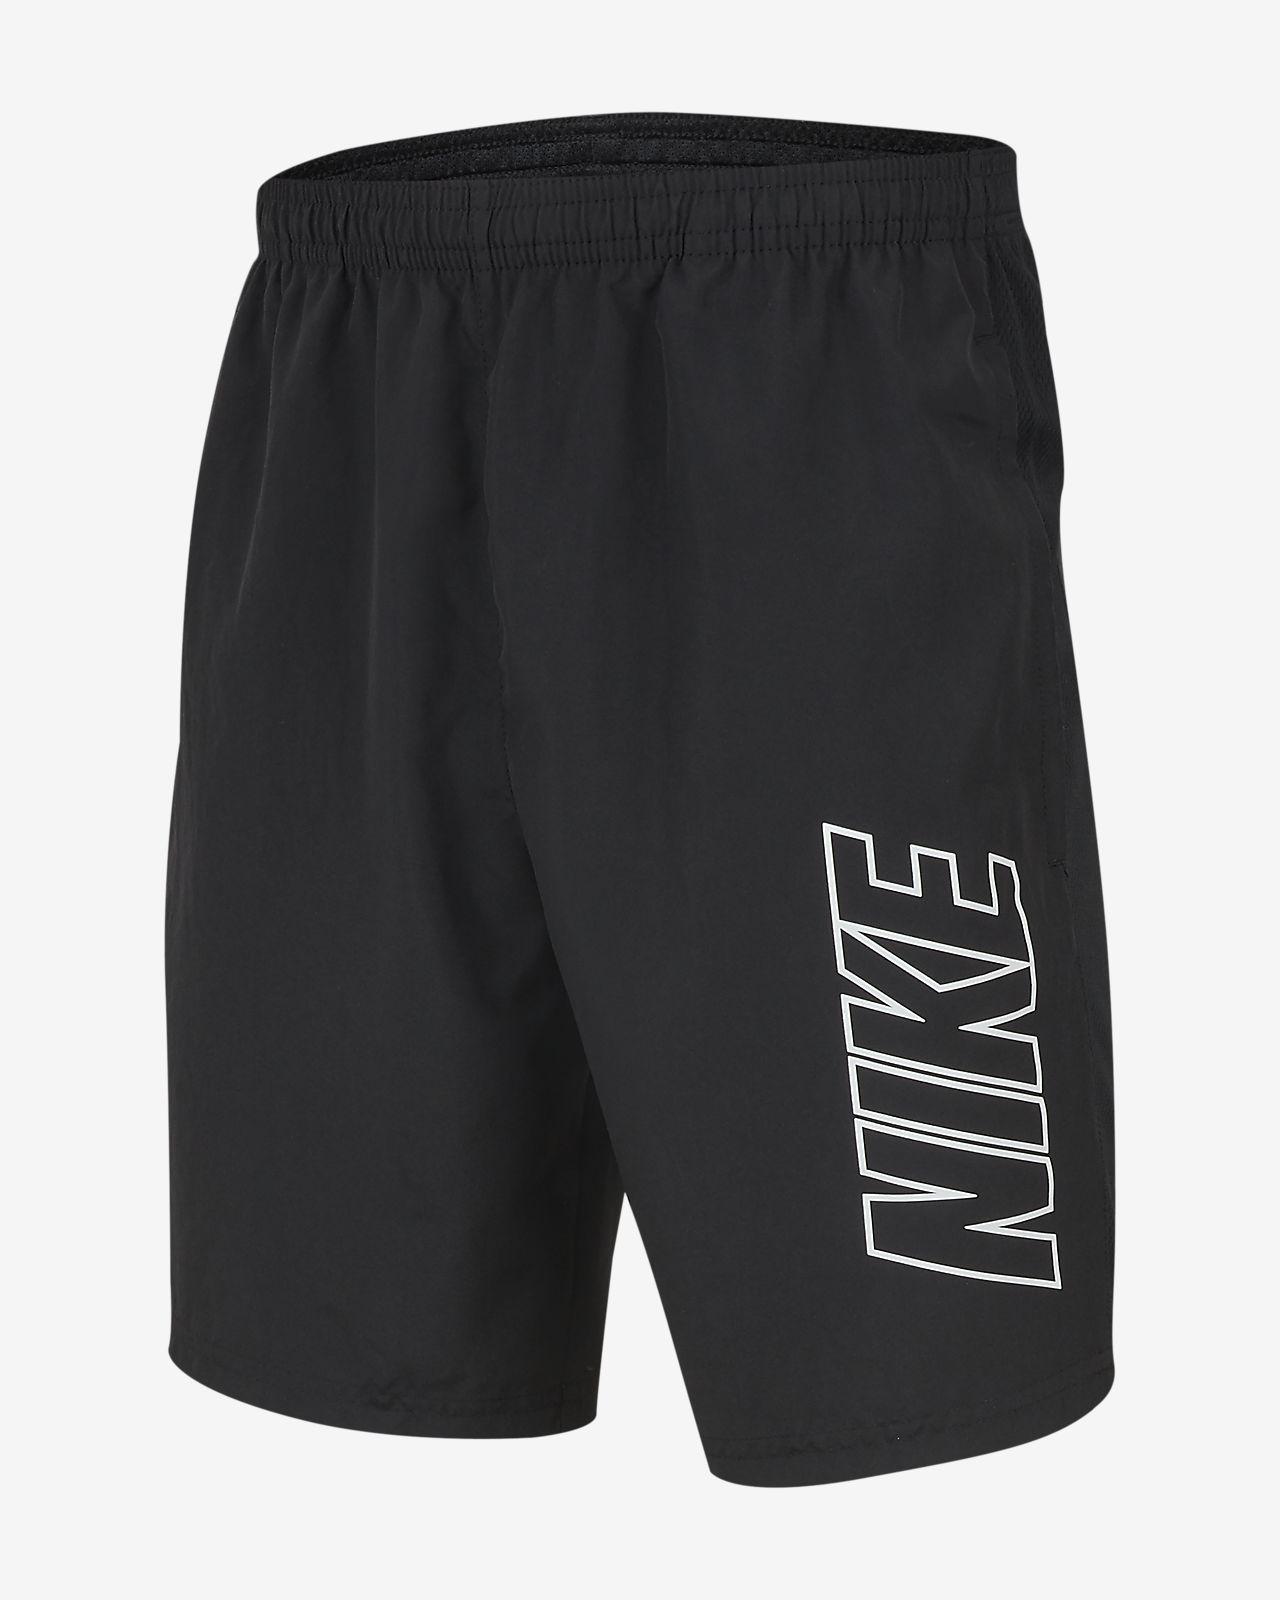 Nike Dri-FIT Academy Voetbalshorts voor kids